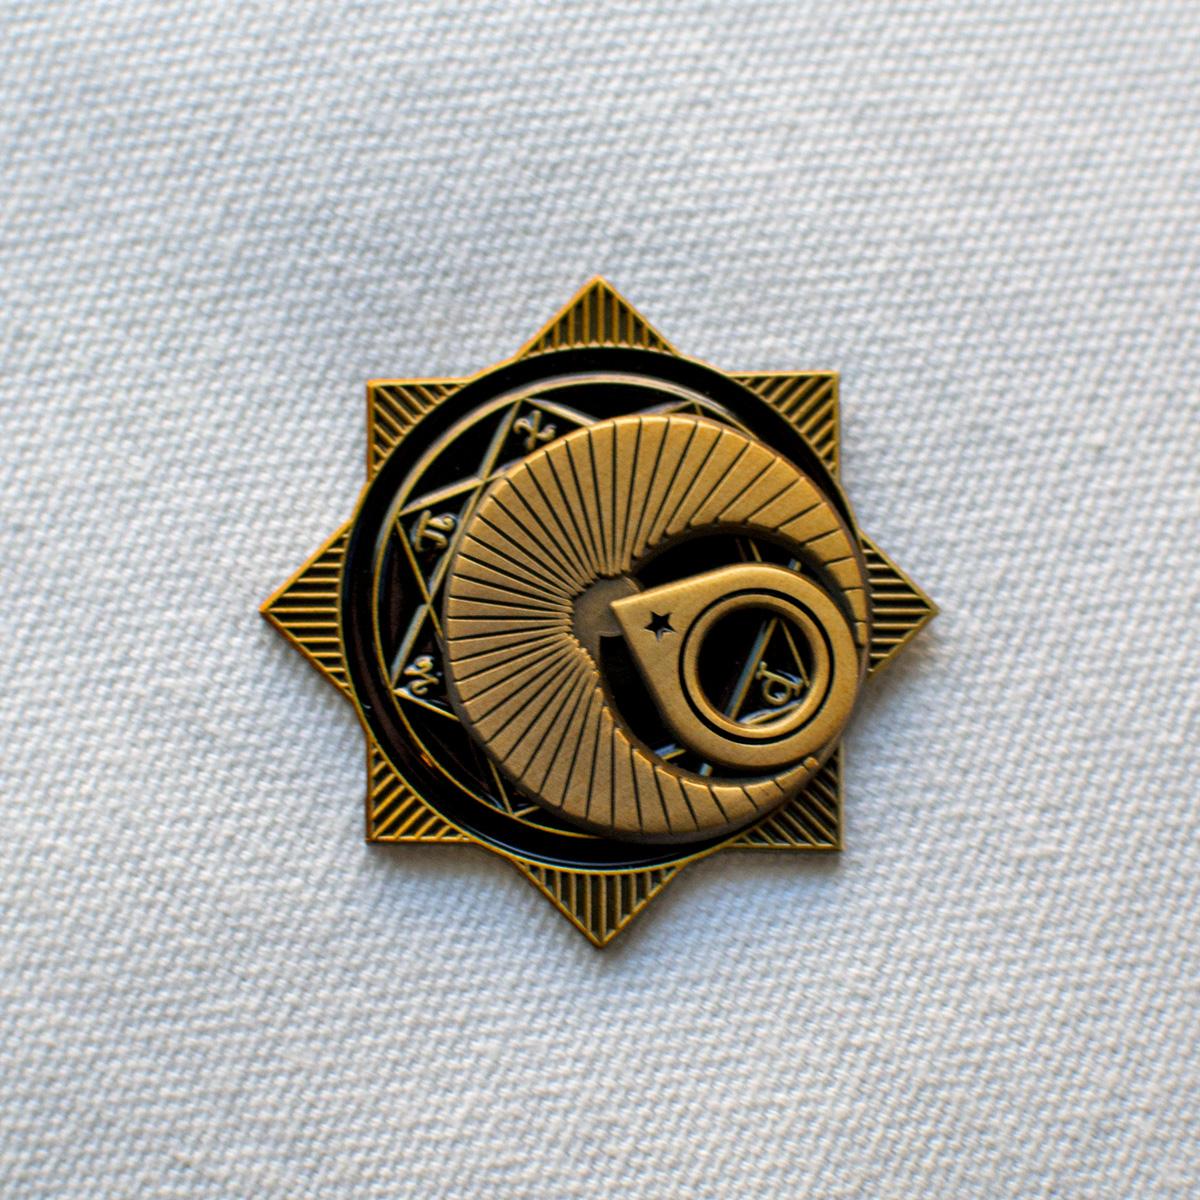 Thorny-Games-Enamel-Pin.jpg